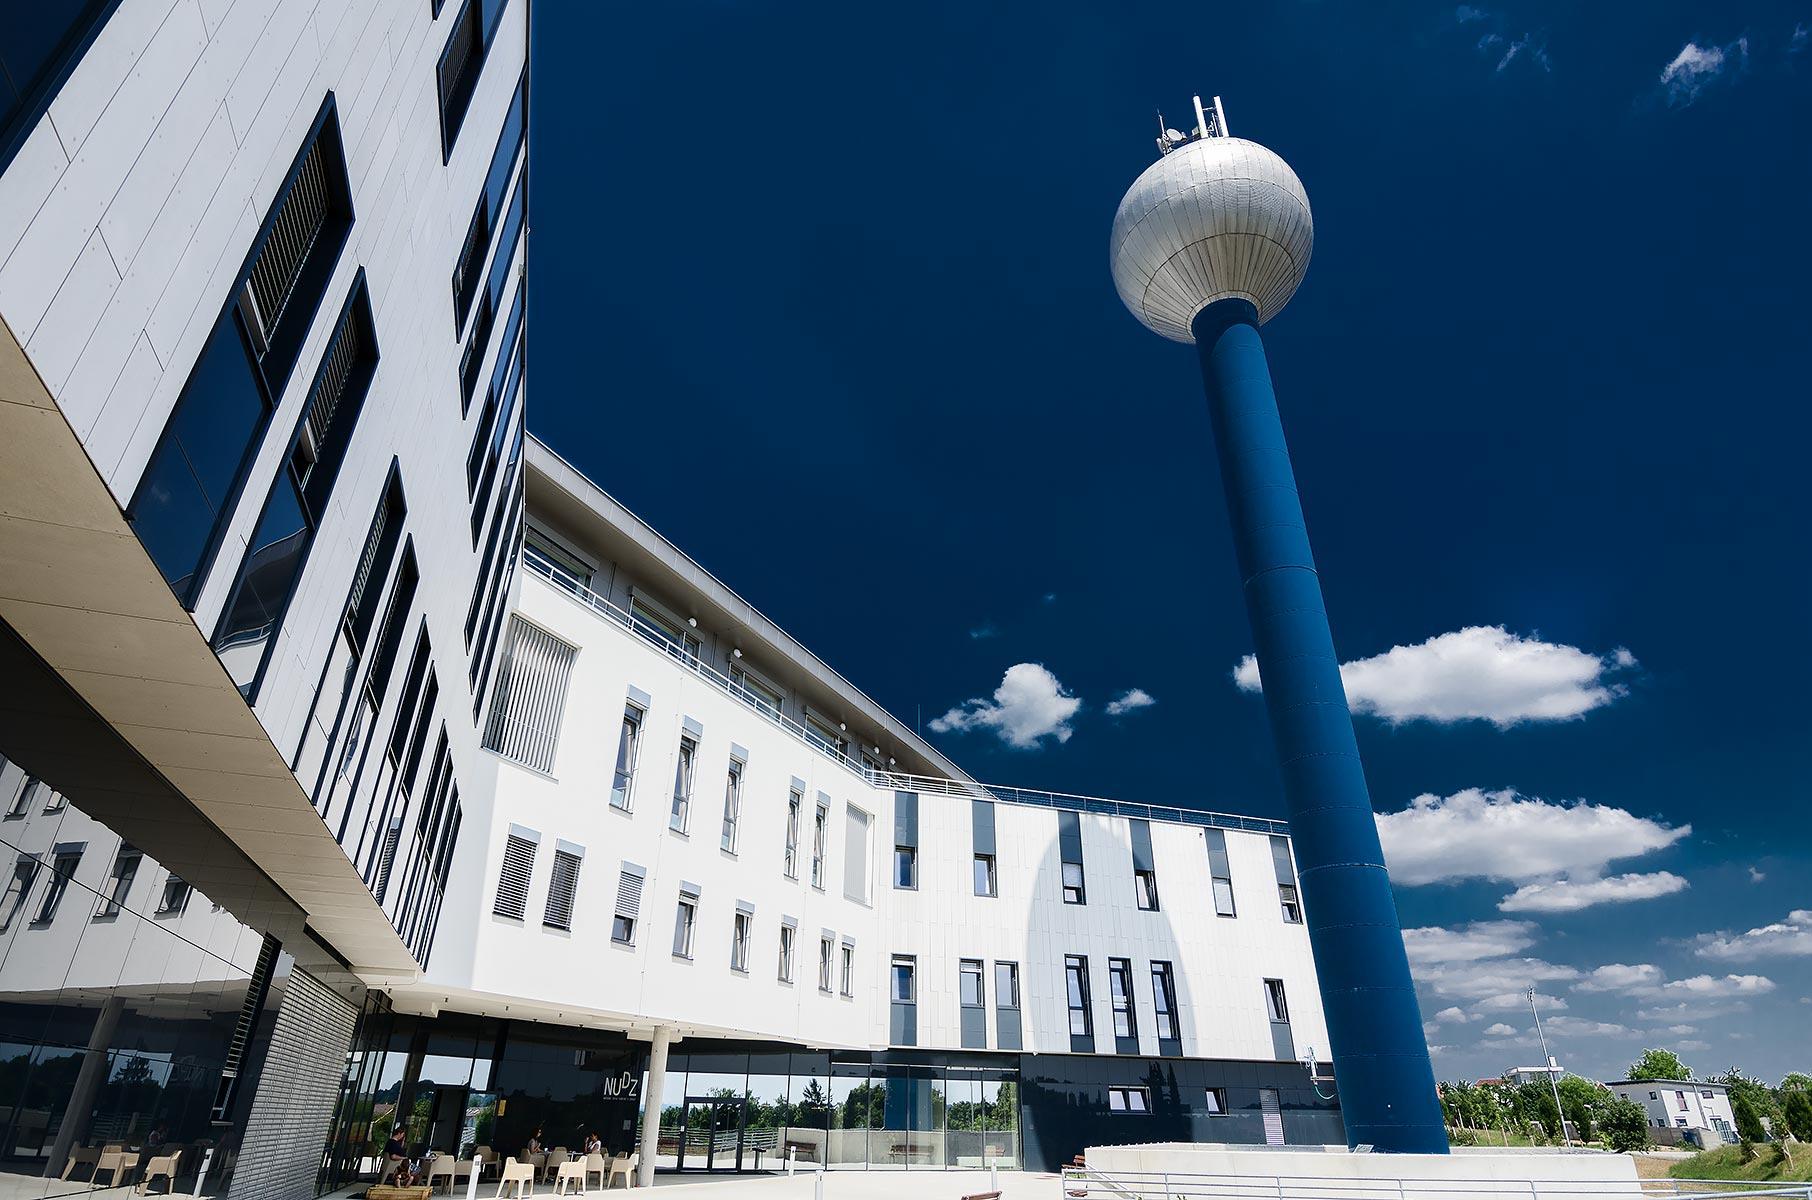 Skleněné fasády Thermont – Fotograf Jiří Alexander Bednář